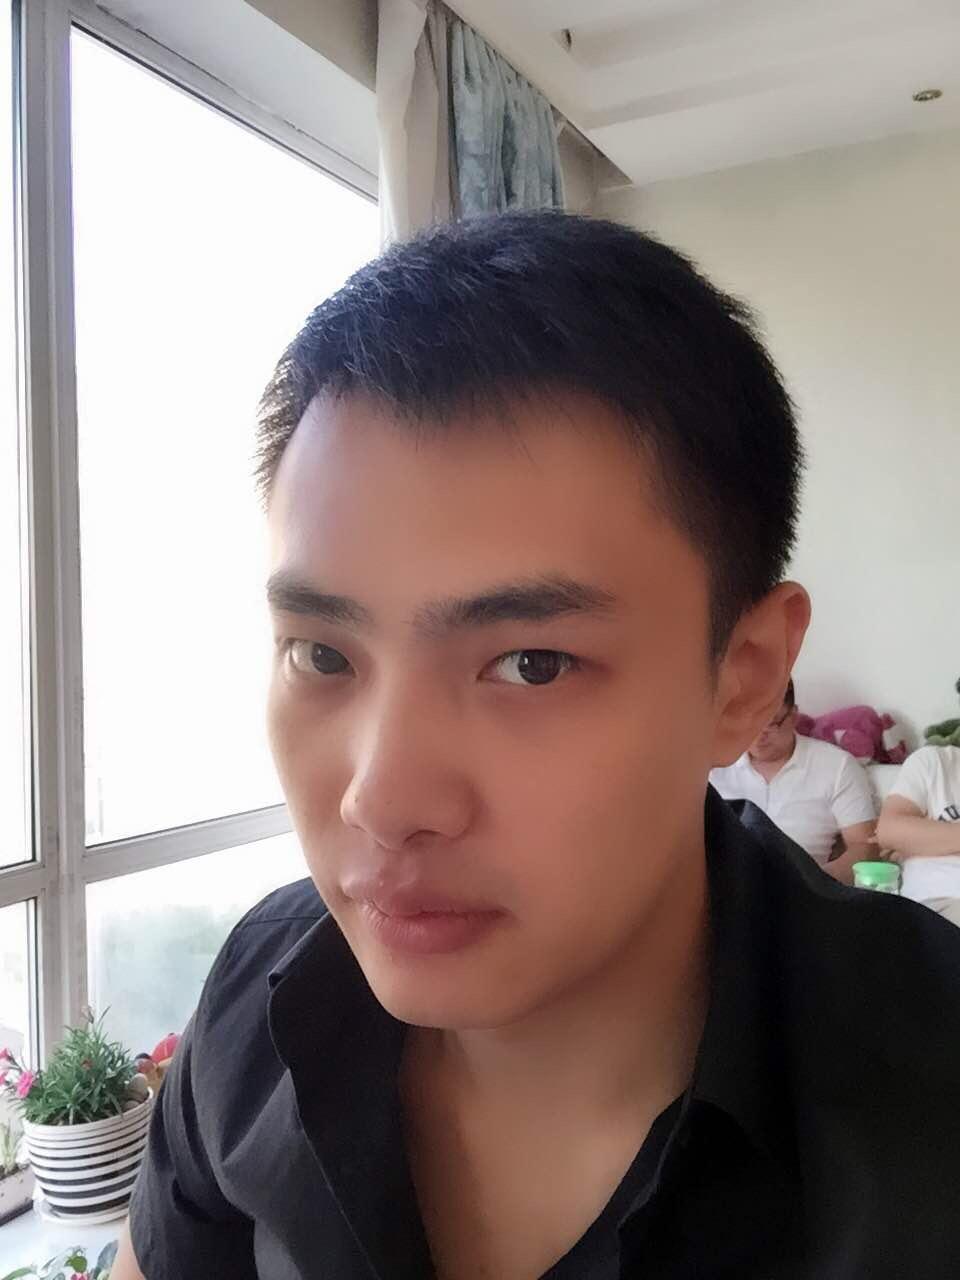 浙江杭州余杭痞帅